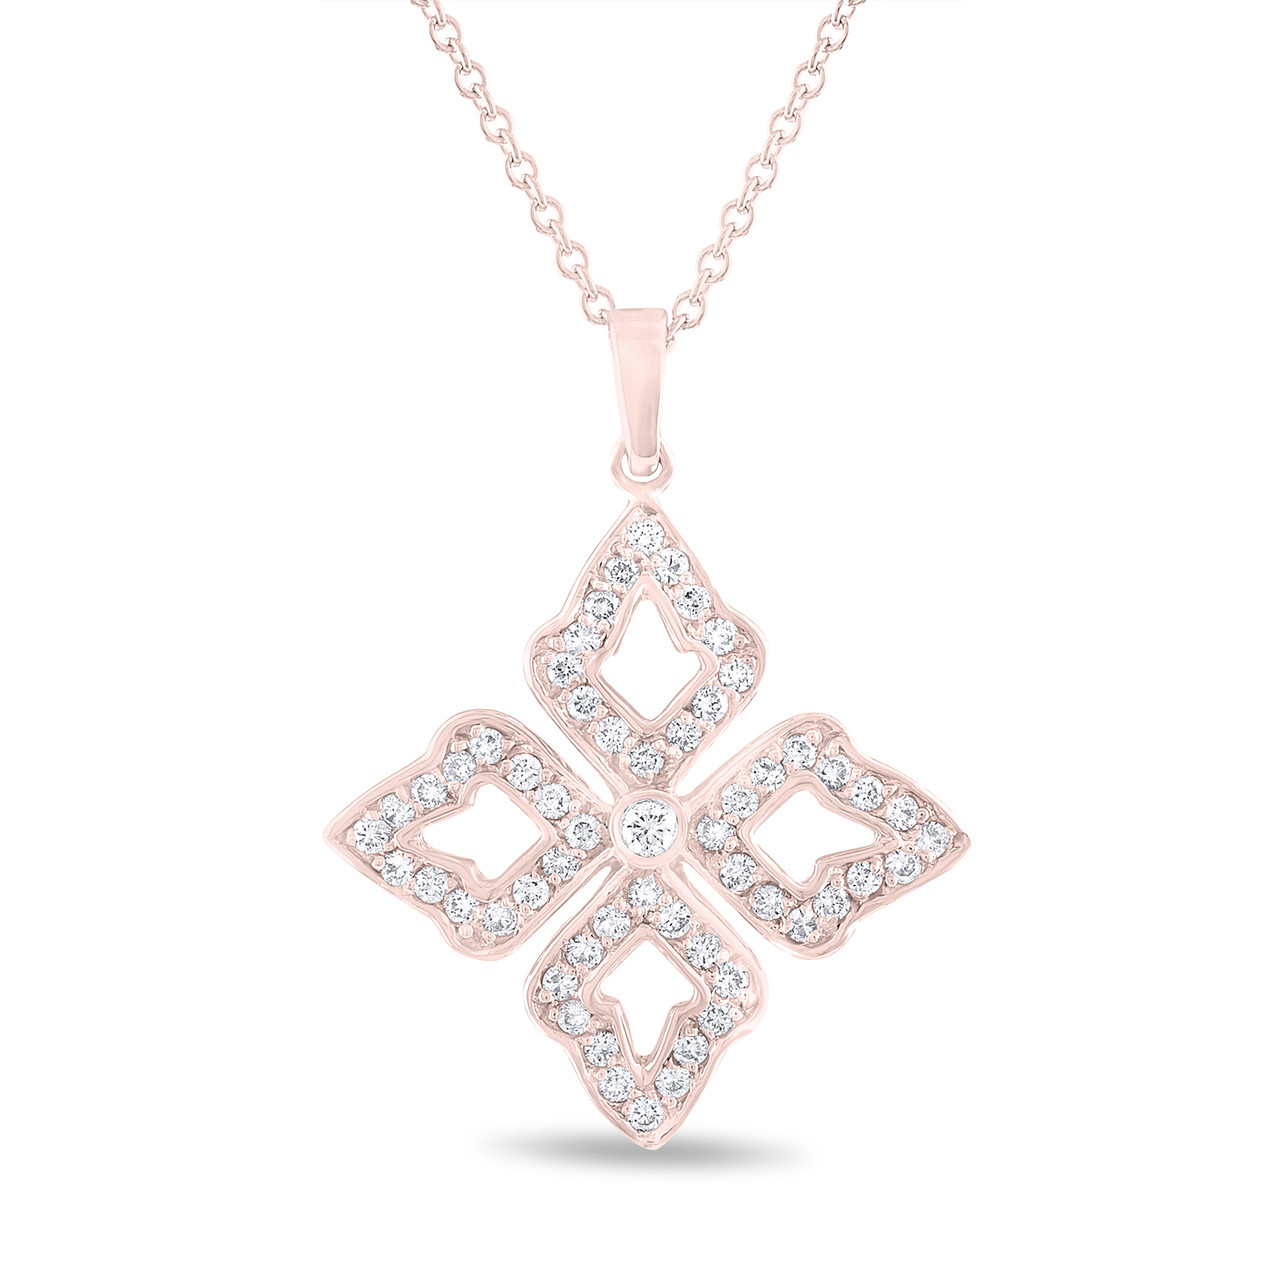 Diamond leaf pendant diamond flower pendant necklace unique diamond leaf pendant diamond flower pendant necklace unique pendant 14k rose gold 045 carat pave set handmade aloadofball Gallery